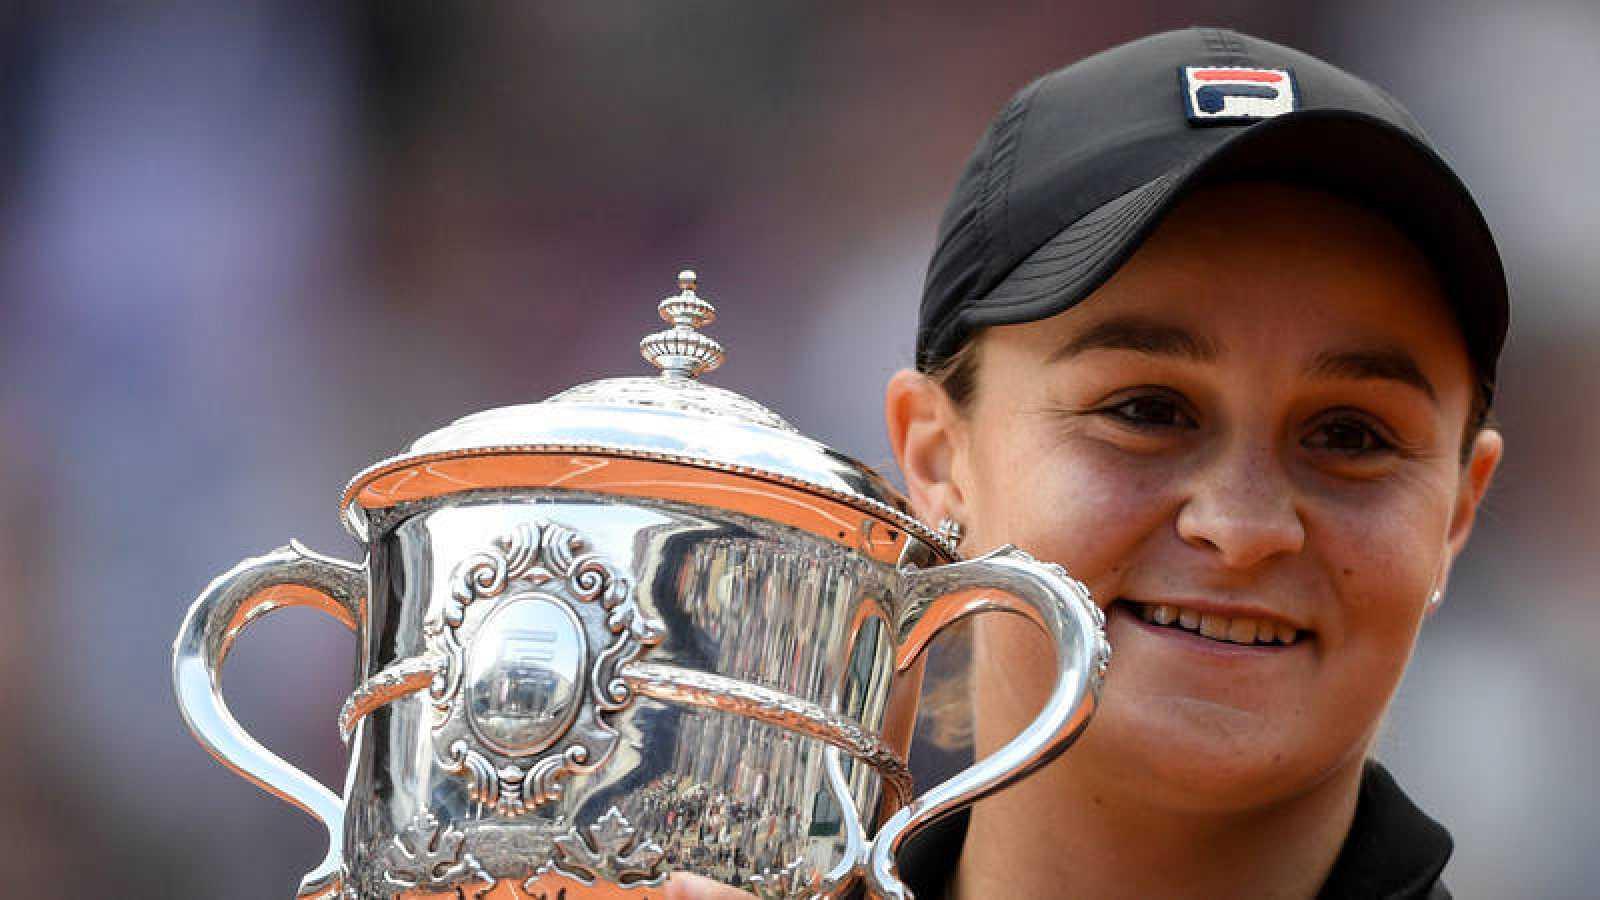 La australiana Ashleigh Barty levanta el trofeo de Roland Garros 2019.